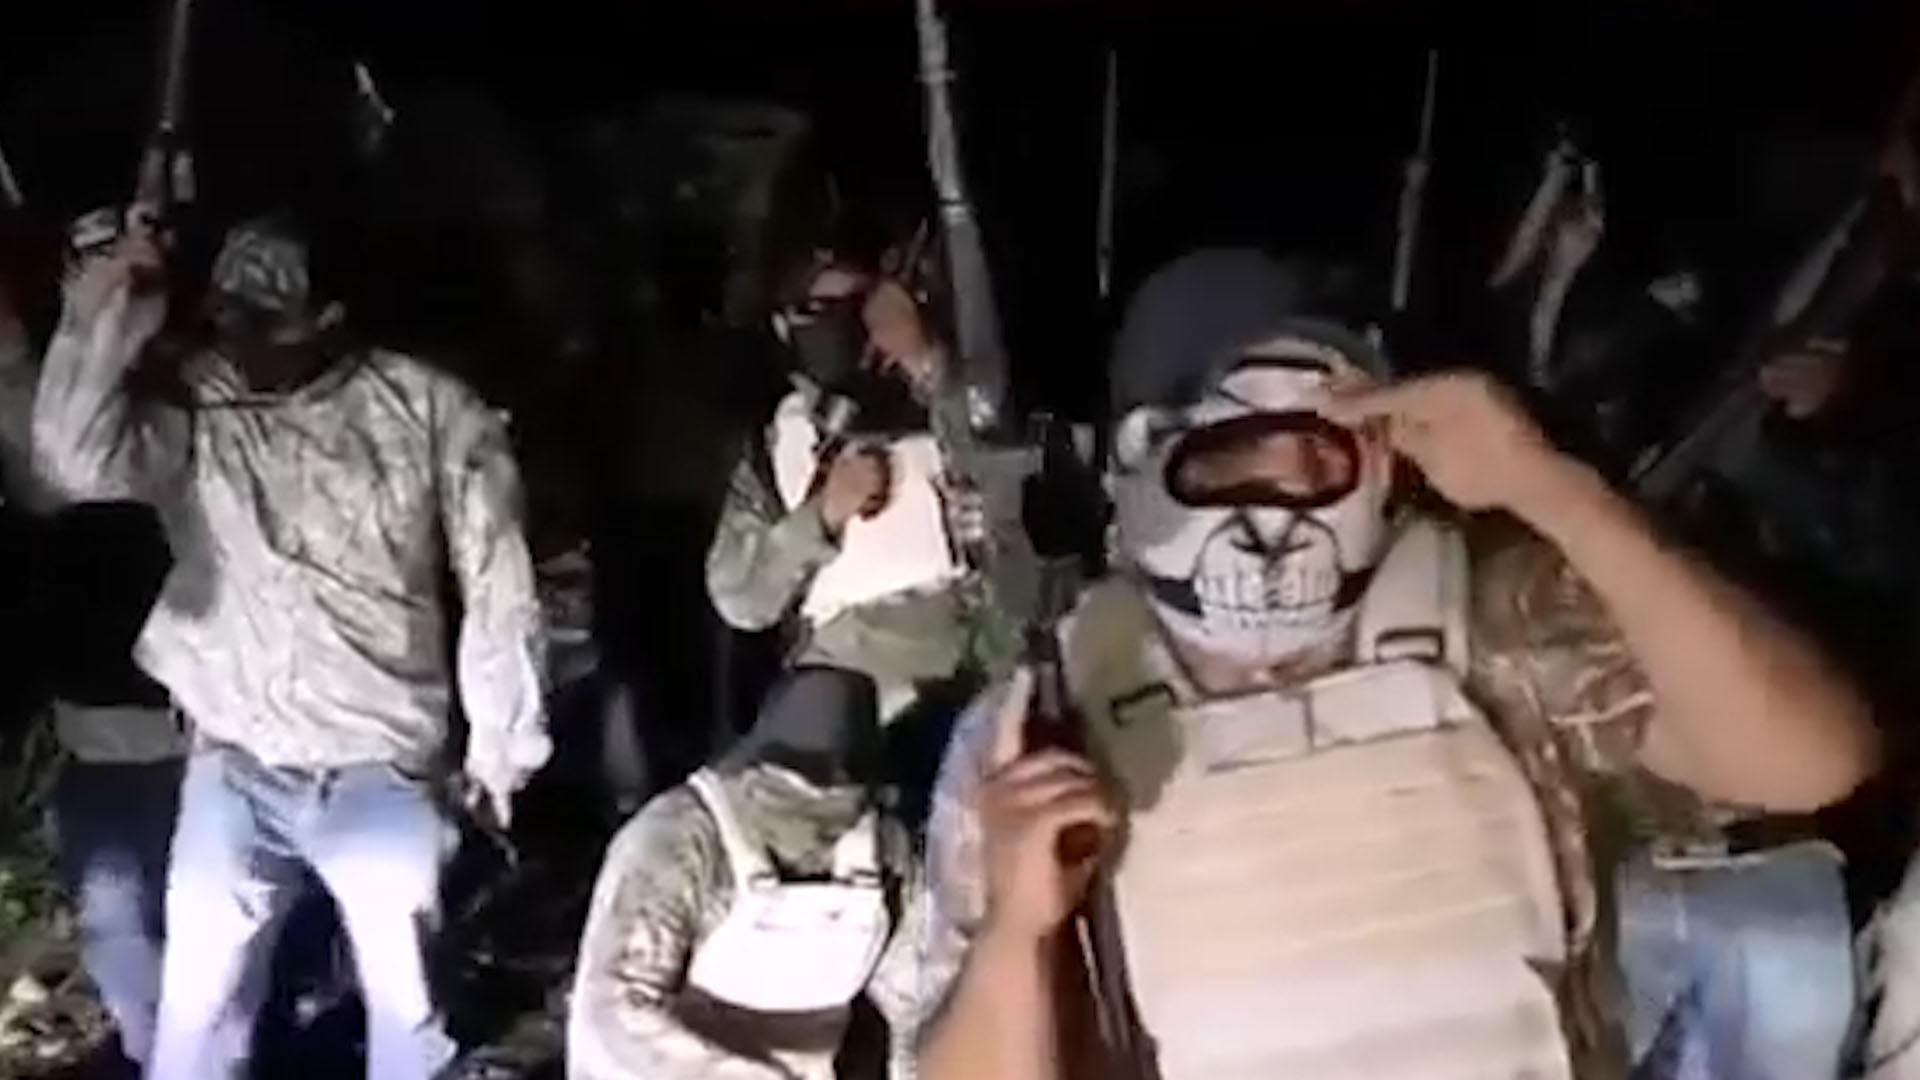 Carteles mexicanos como Jalisco Nueva Generación usan como brazo armado en Colombia grupos ilegales como las disidencias de las FARC y el Clan del Golfo.